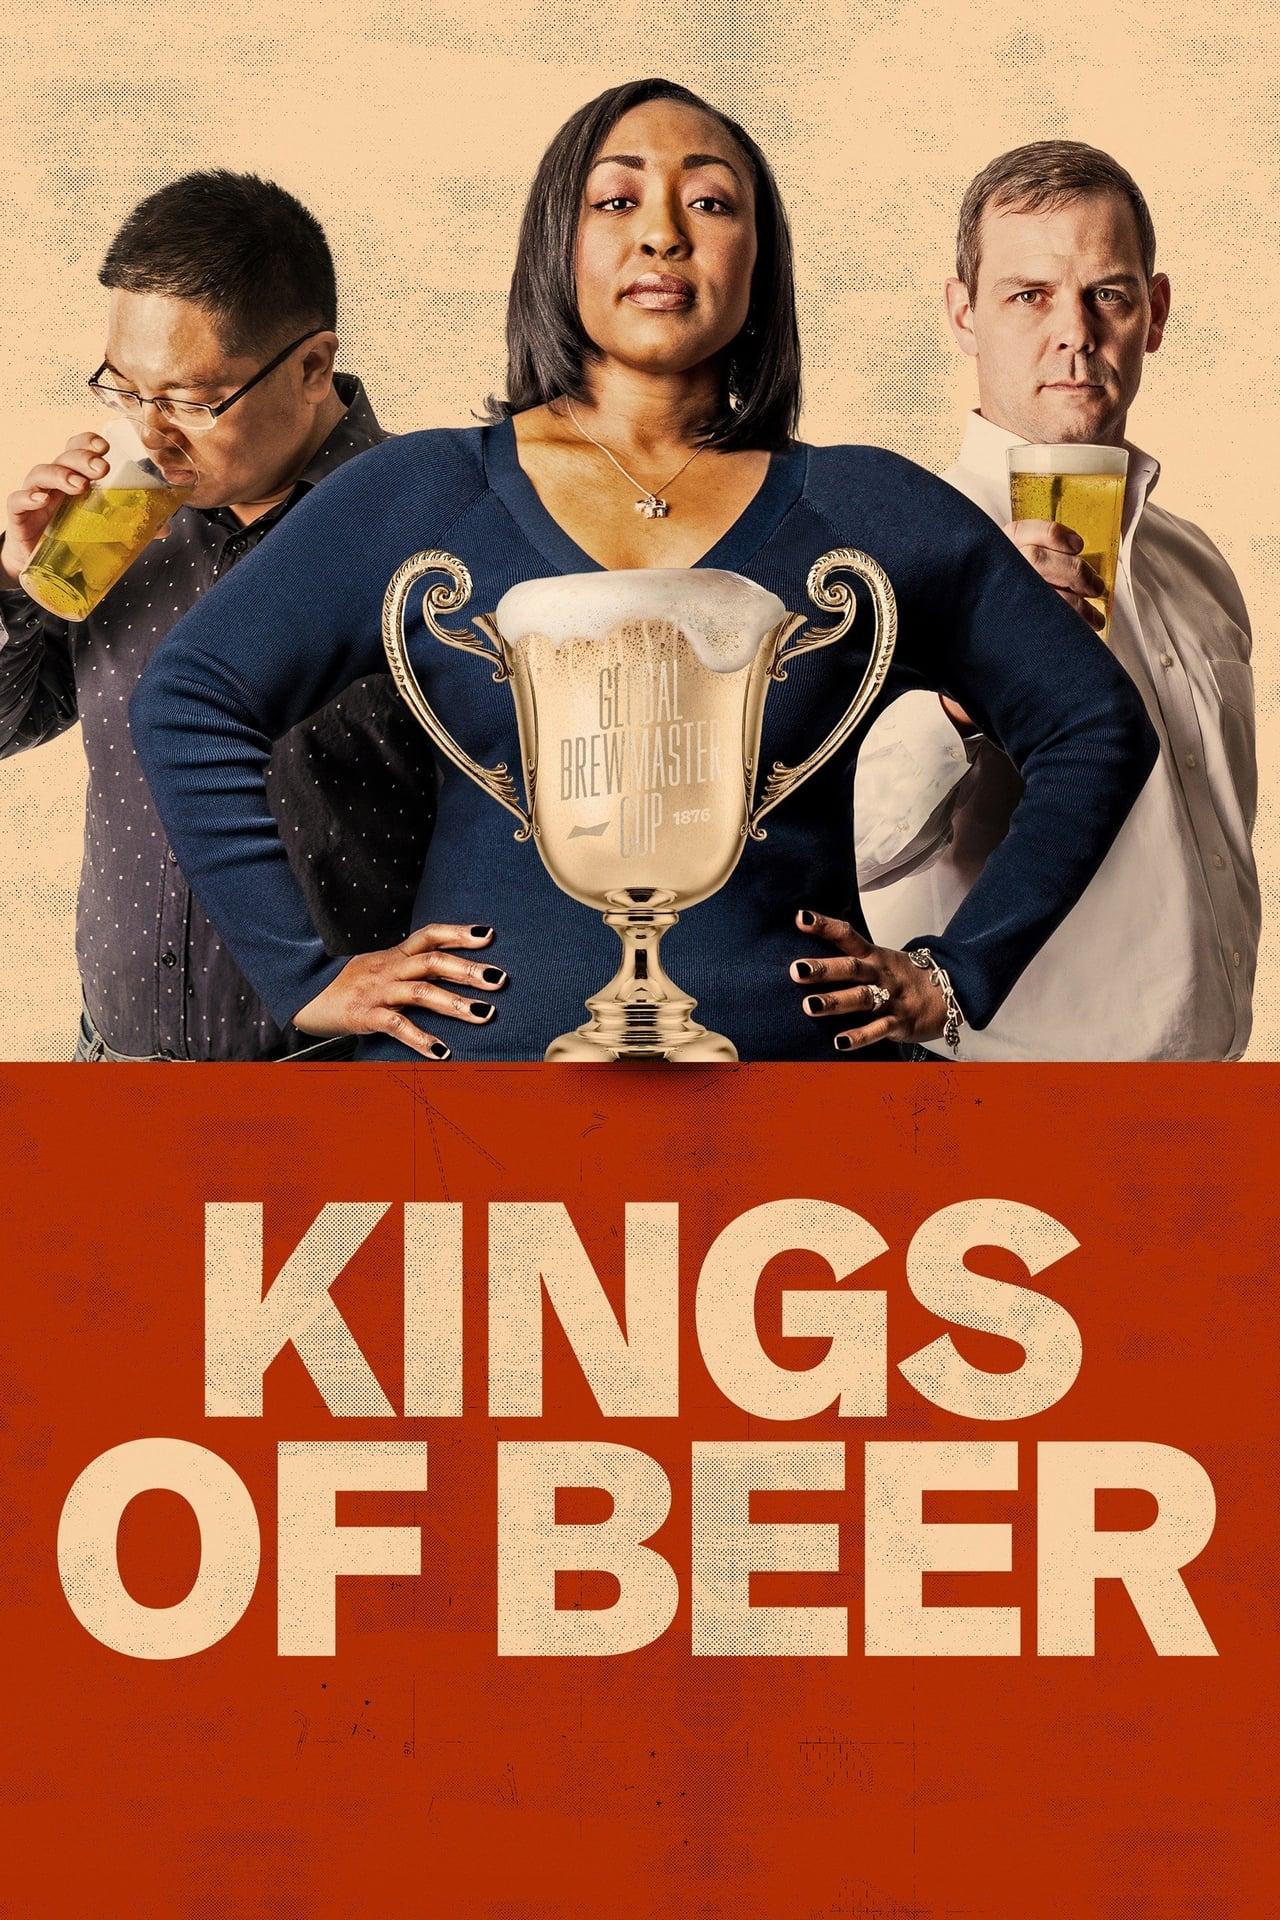 Kings of Beer poster